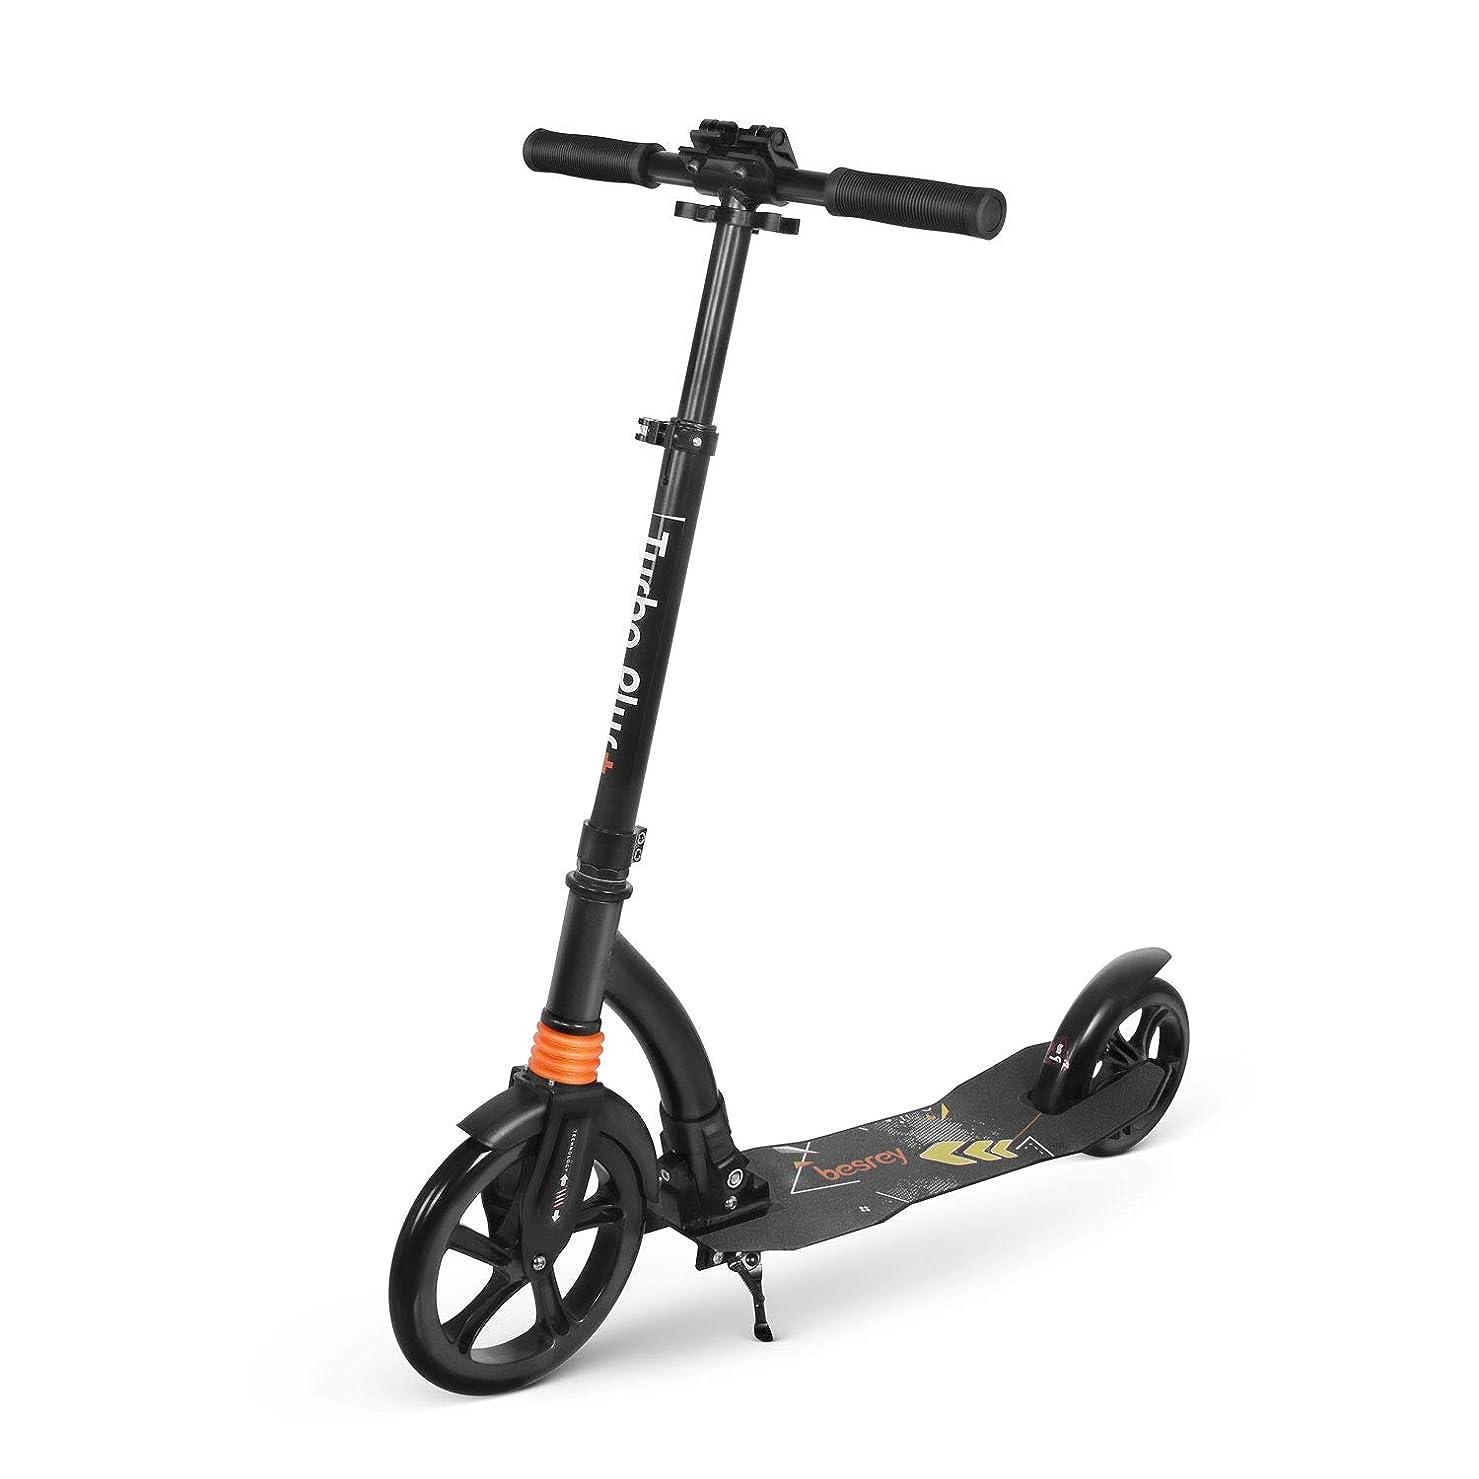 厚いタイト反対したキックボード キックスクーター 3段階にて調整 折り畳み式/足踏み式ブレーキ 持ち運び便利なベルト付き 機能充実 子供/大人用